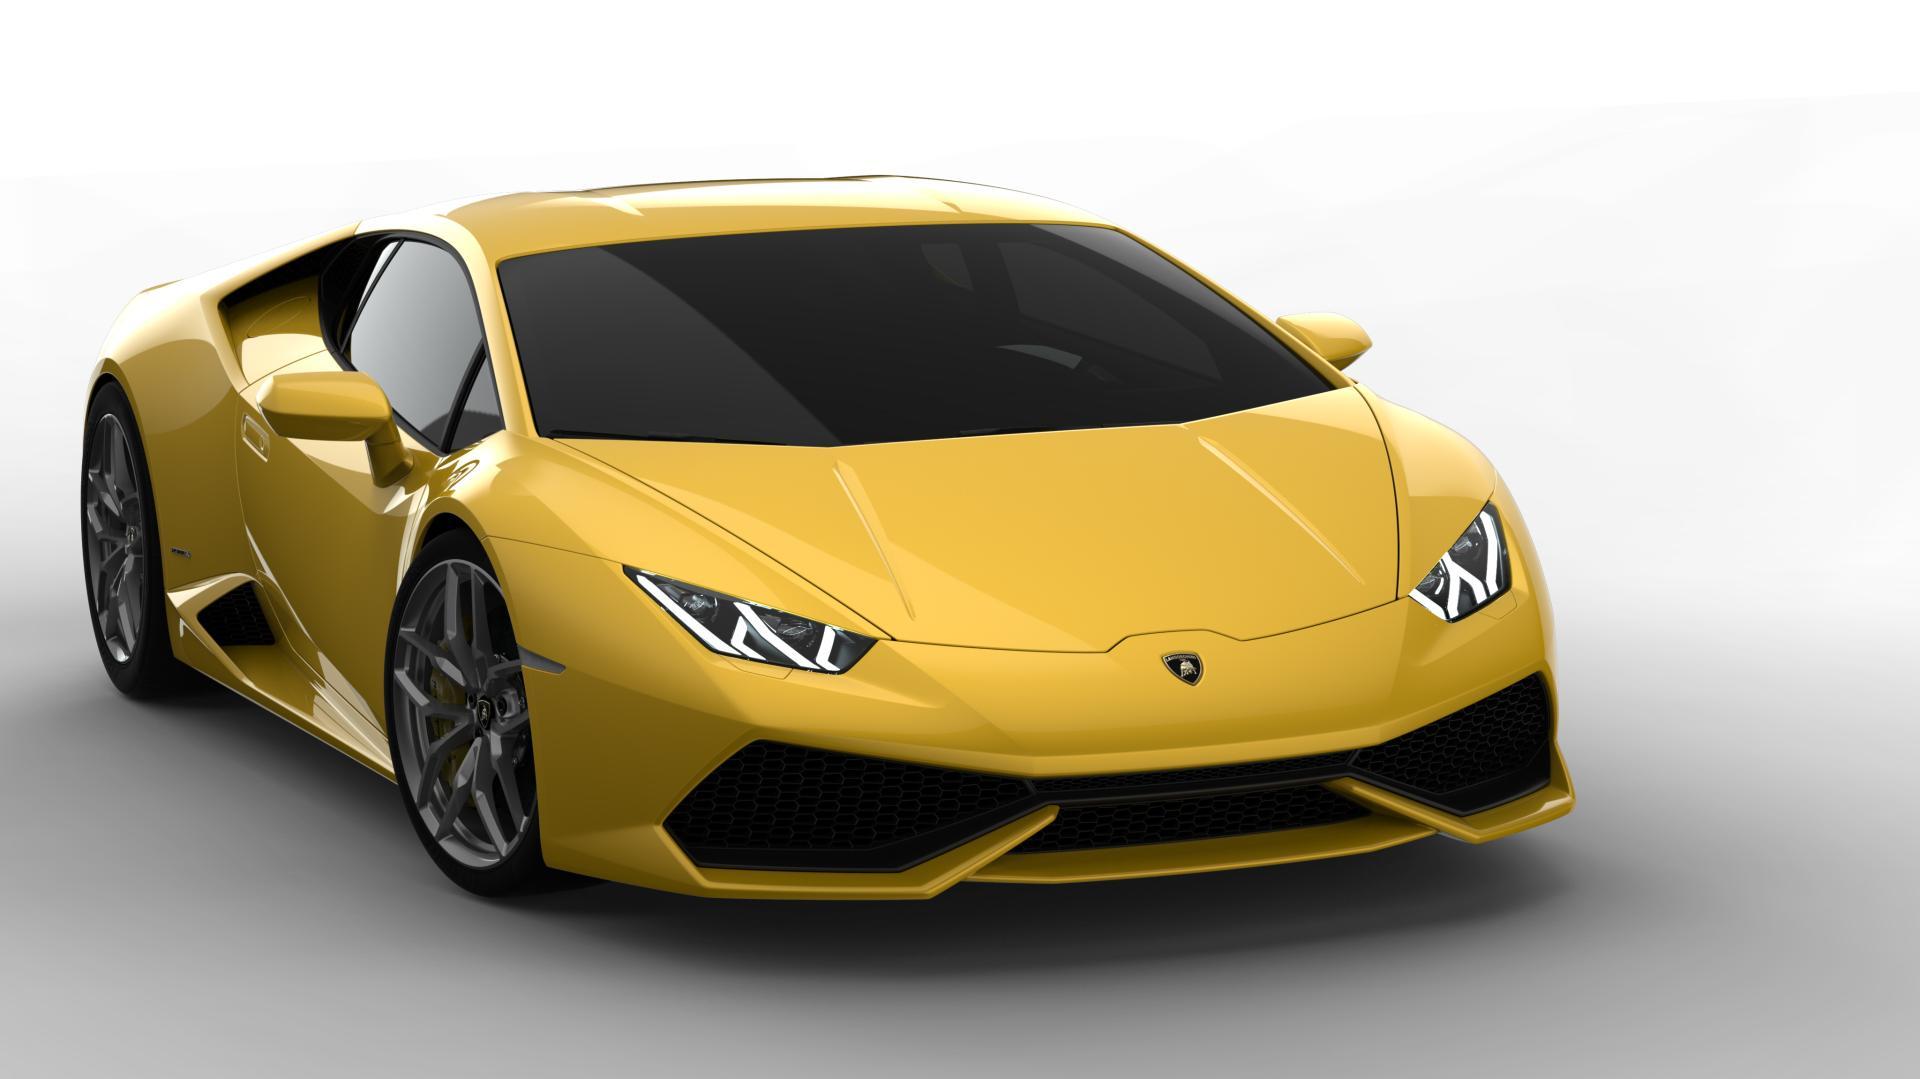 Lamborghini-Huracan-LP-610-4_01.jpg